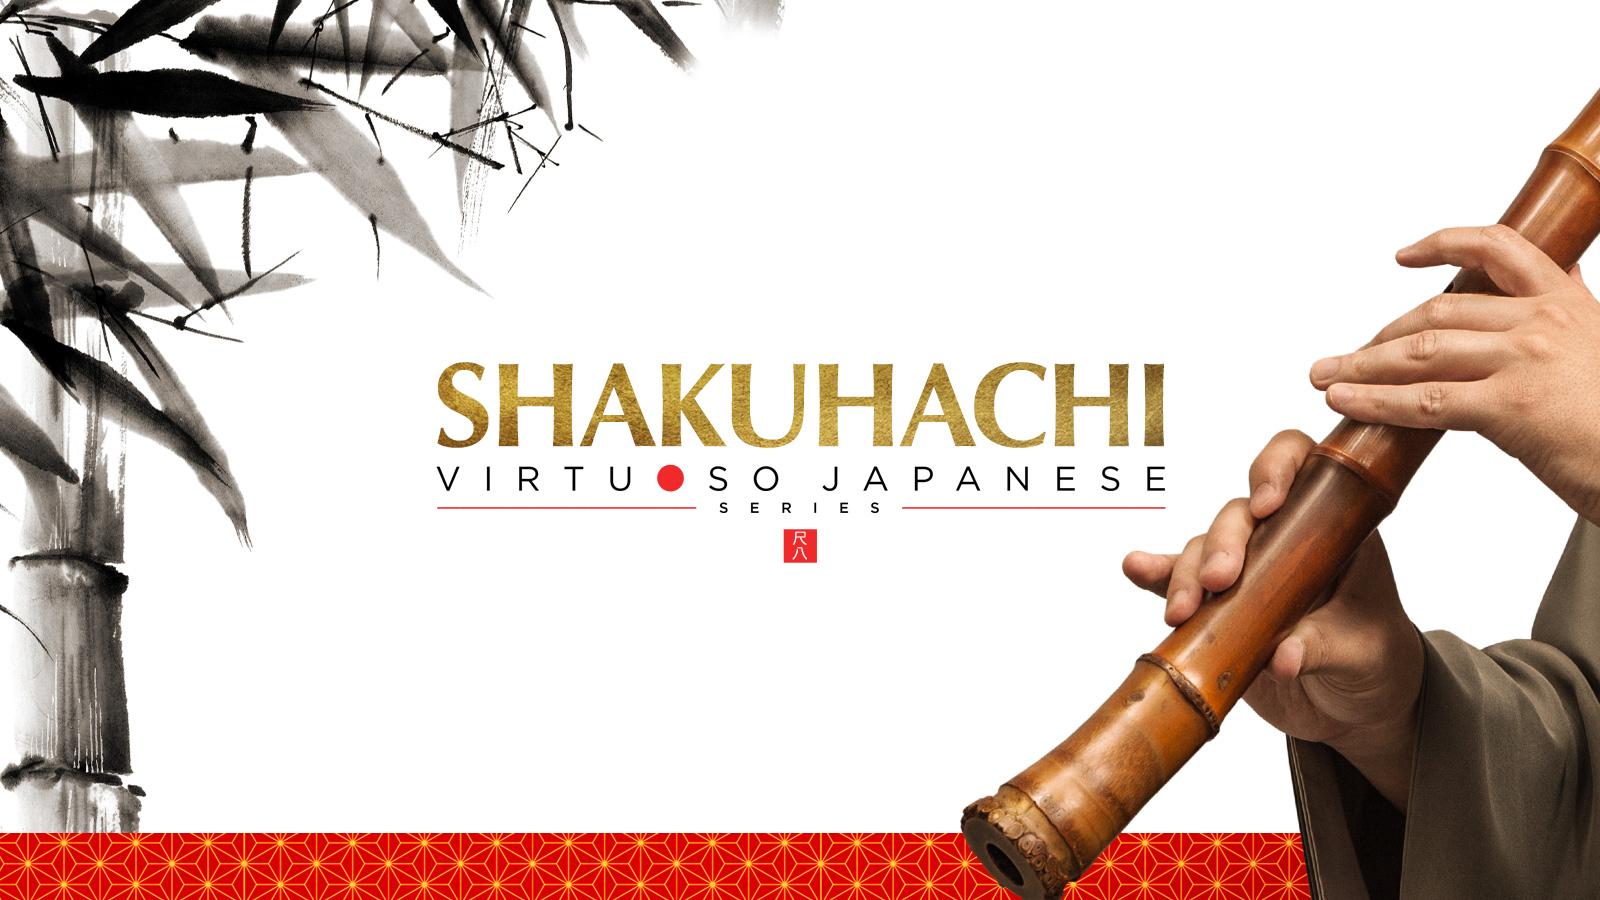 20170731_sonica_shakuhachi_l1600